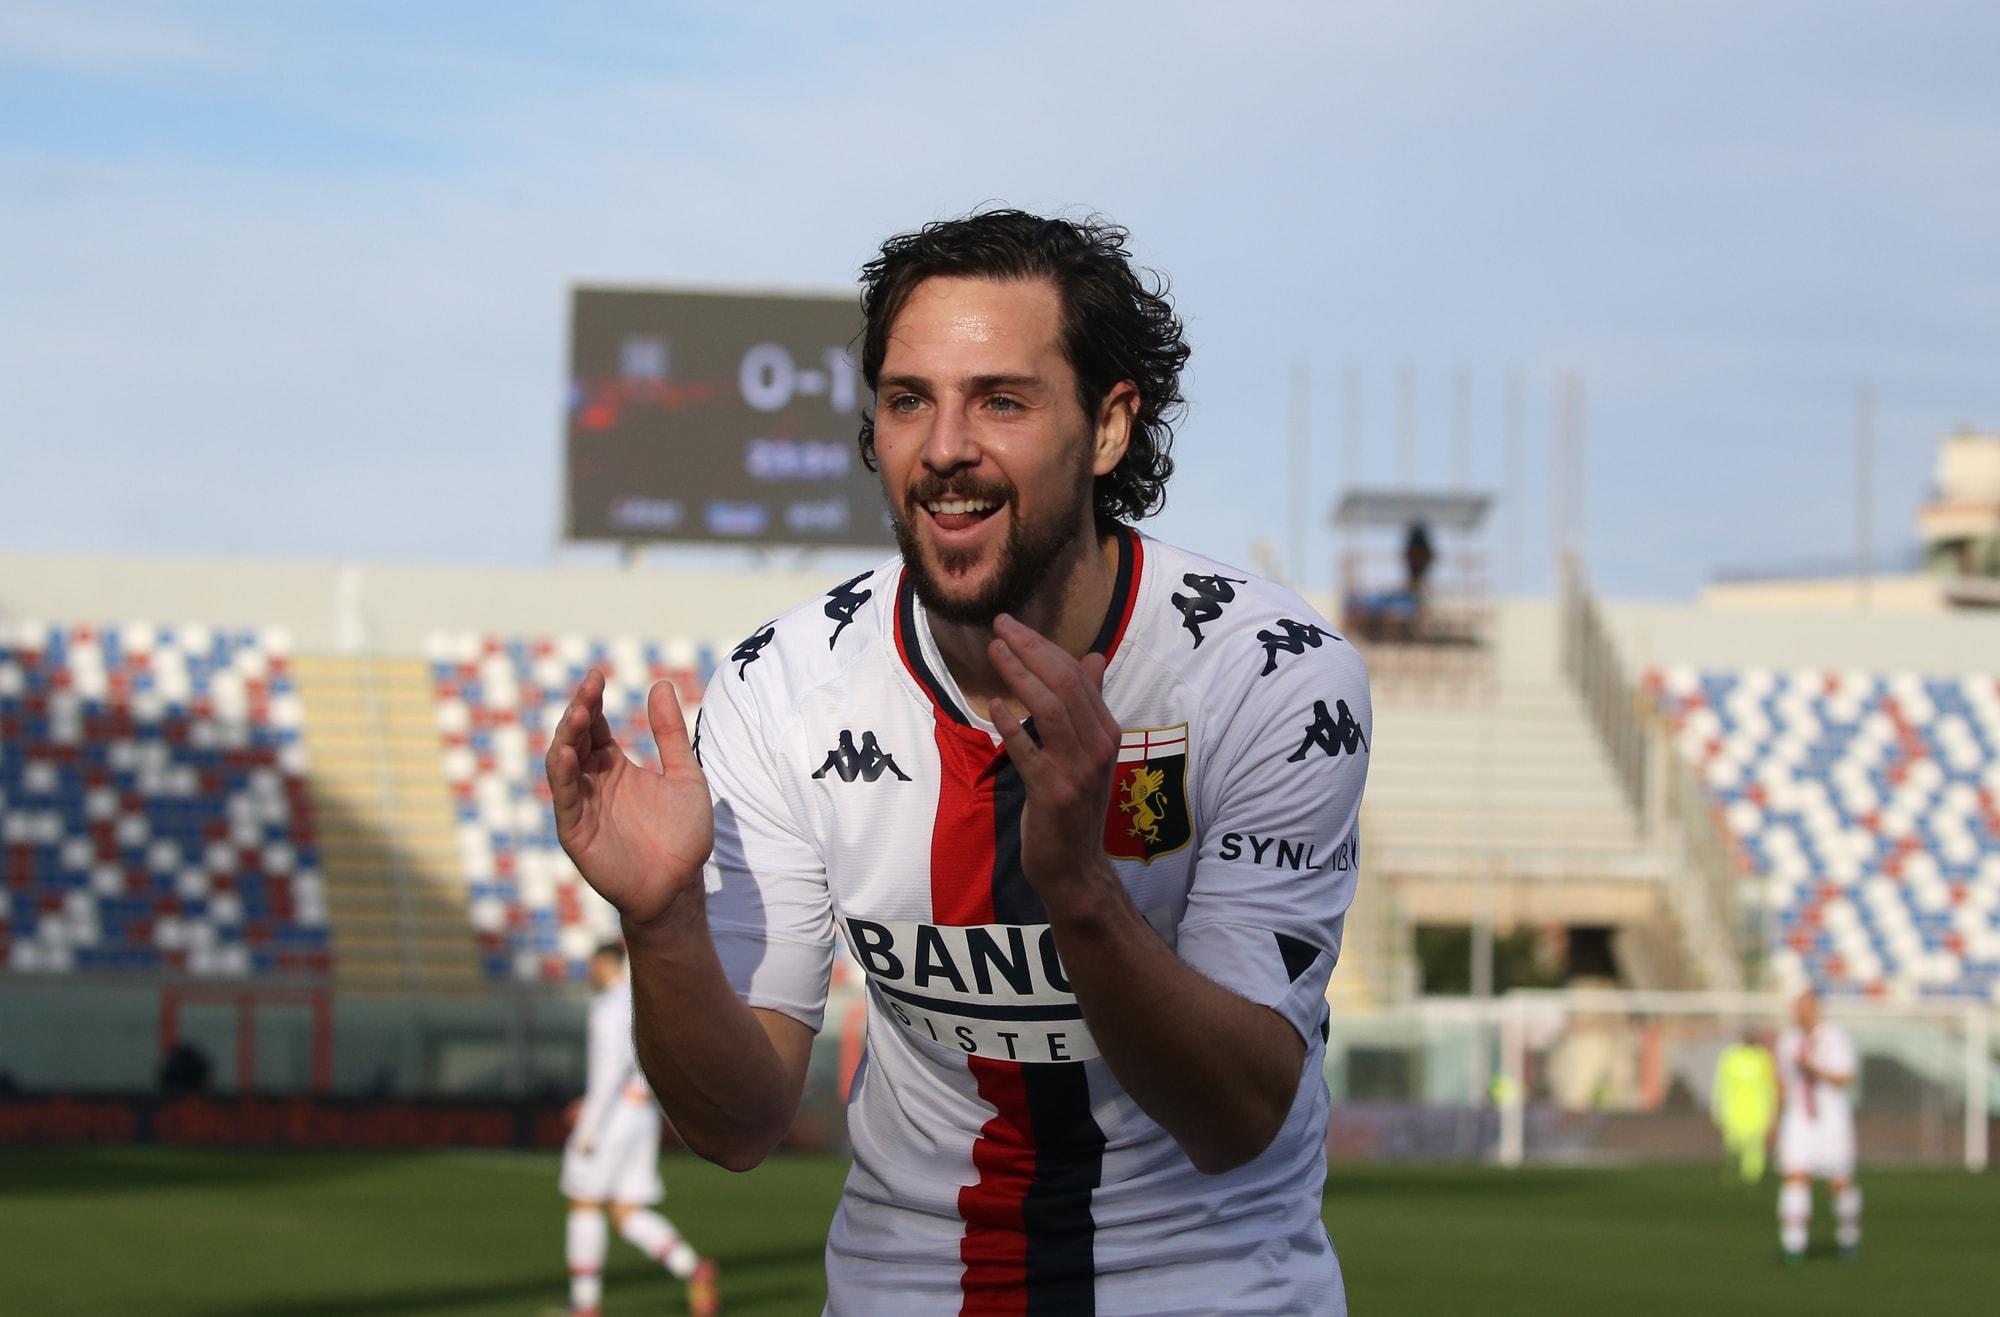 La doppietta di Destro fa volare il Genoa: Crotone ko 3-0